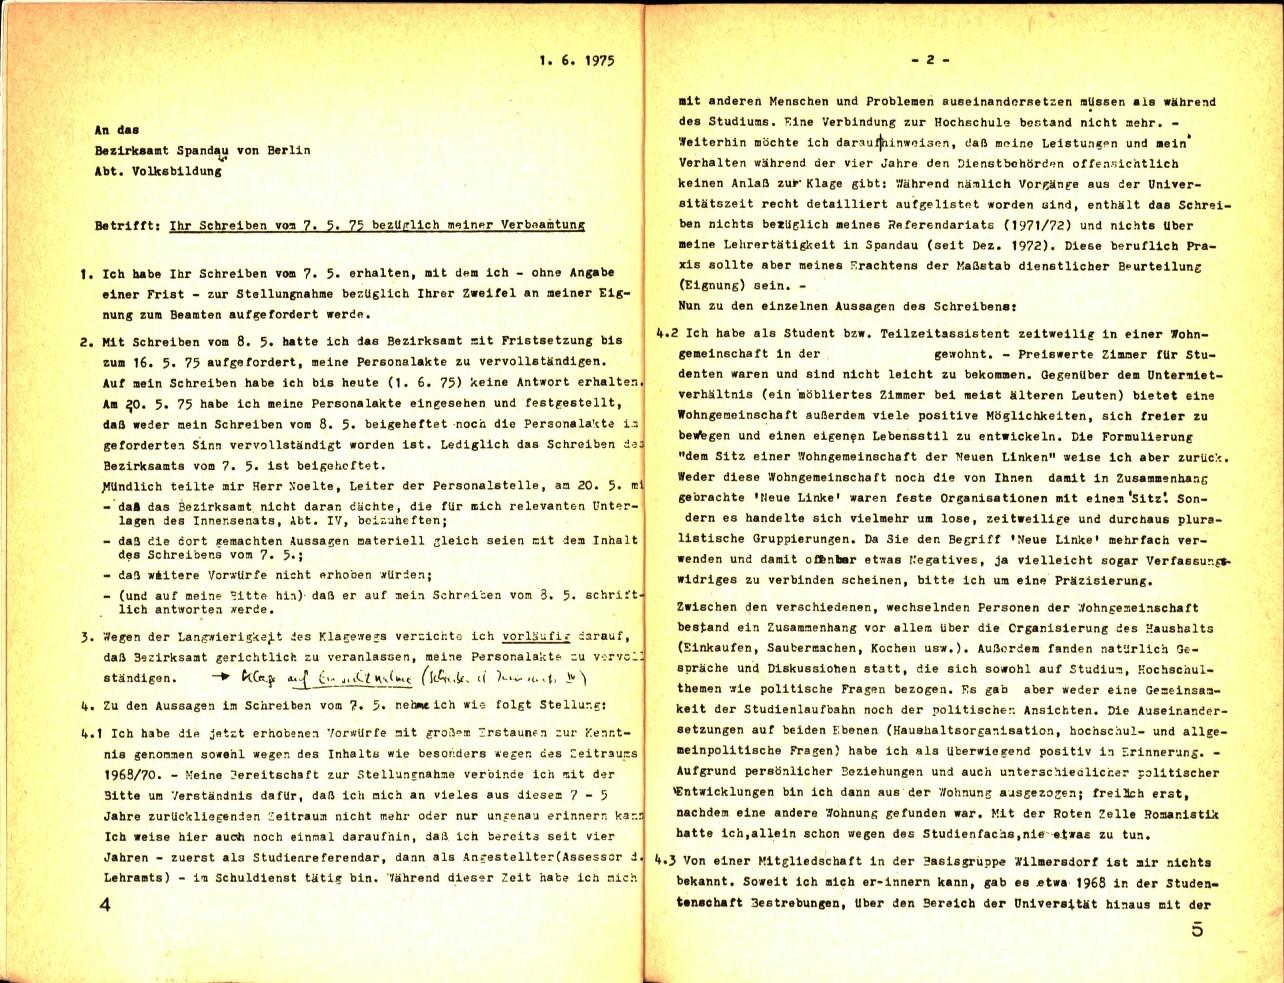 Berlin_VDS_Aktionskomitee_1976_BerufsverboteIII_04